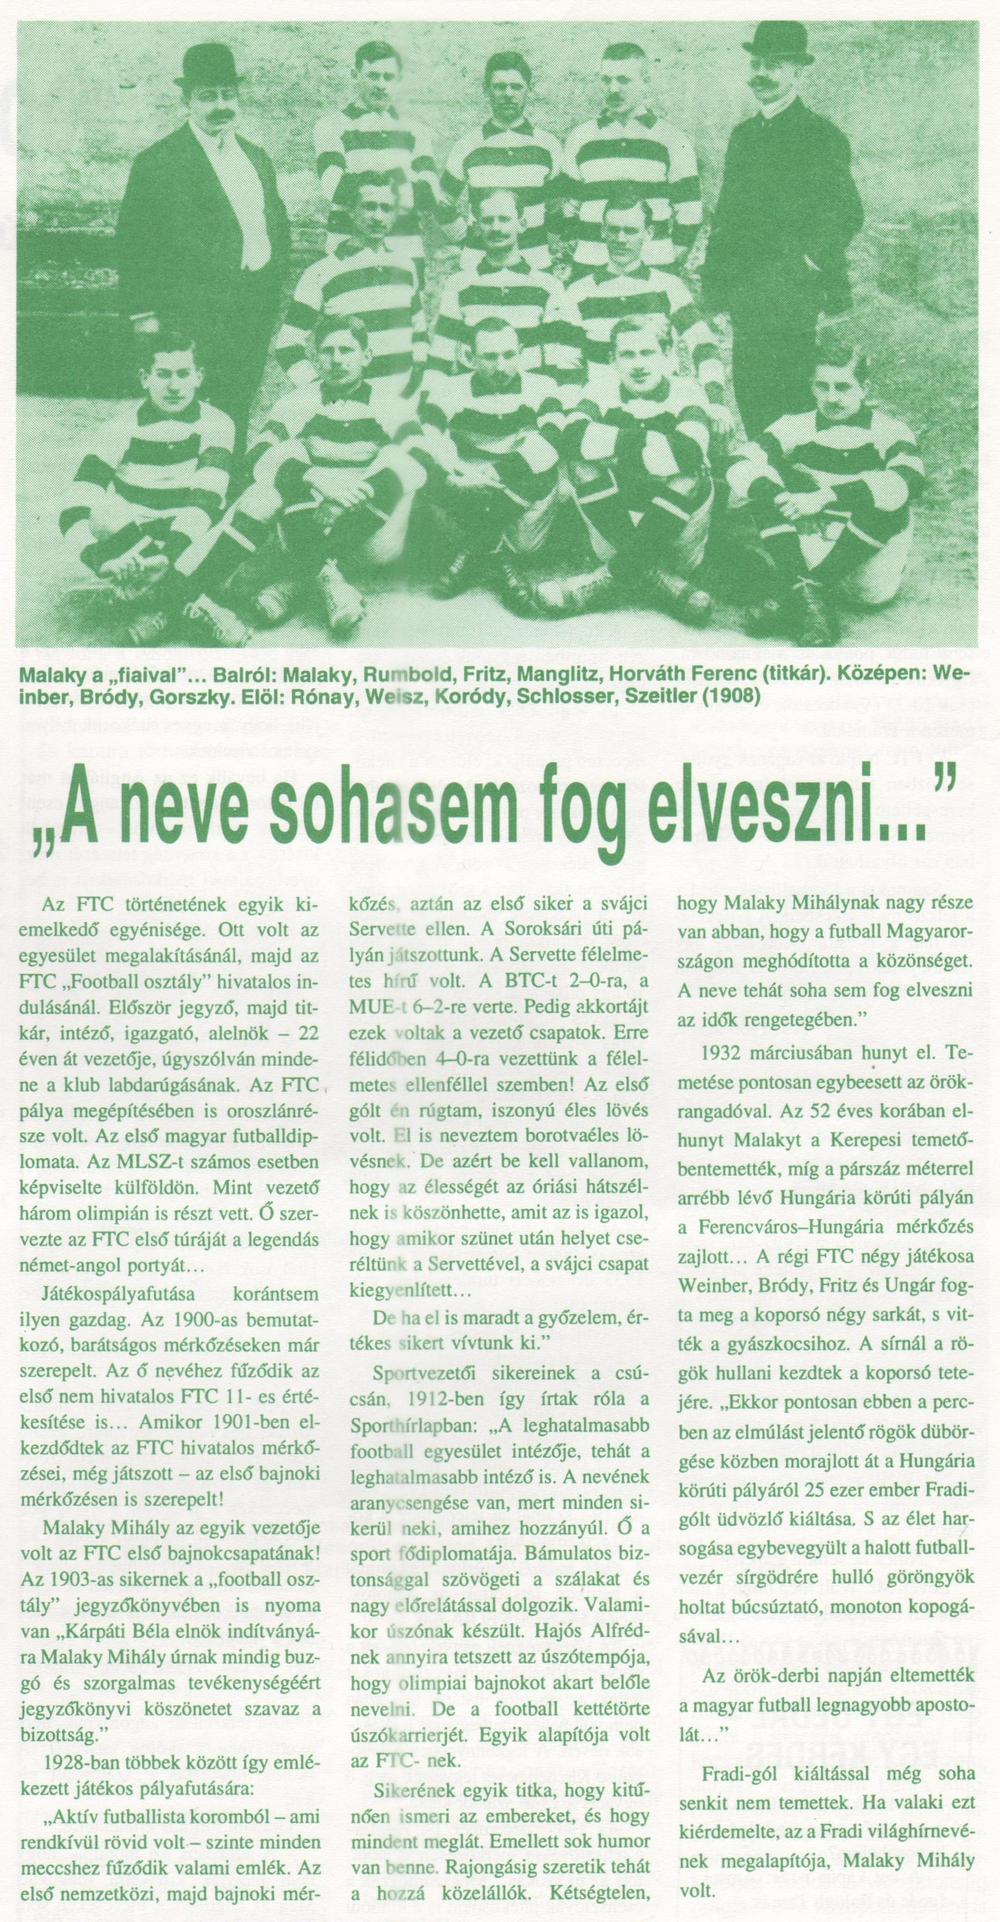 TFU_19930300_Zs_000 - 0003-2